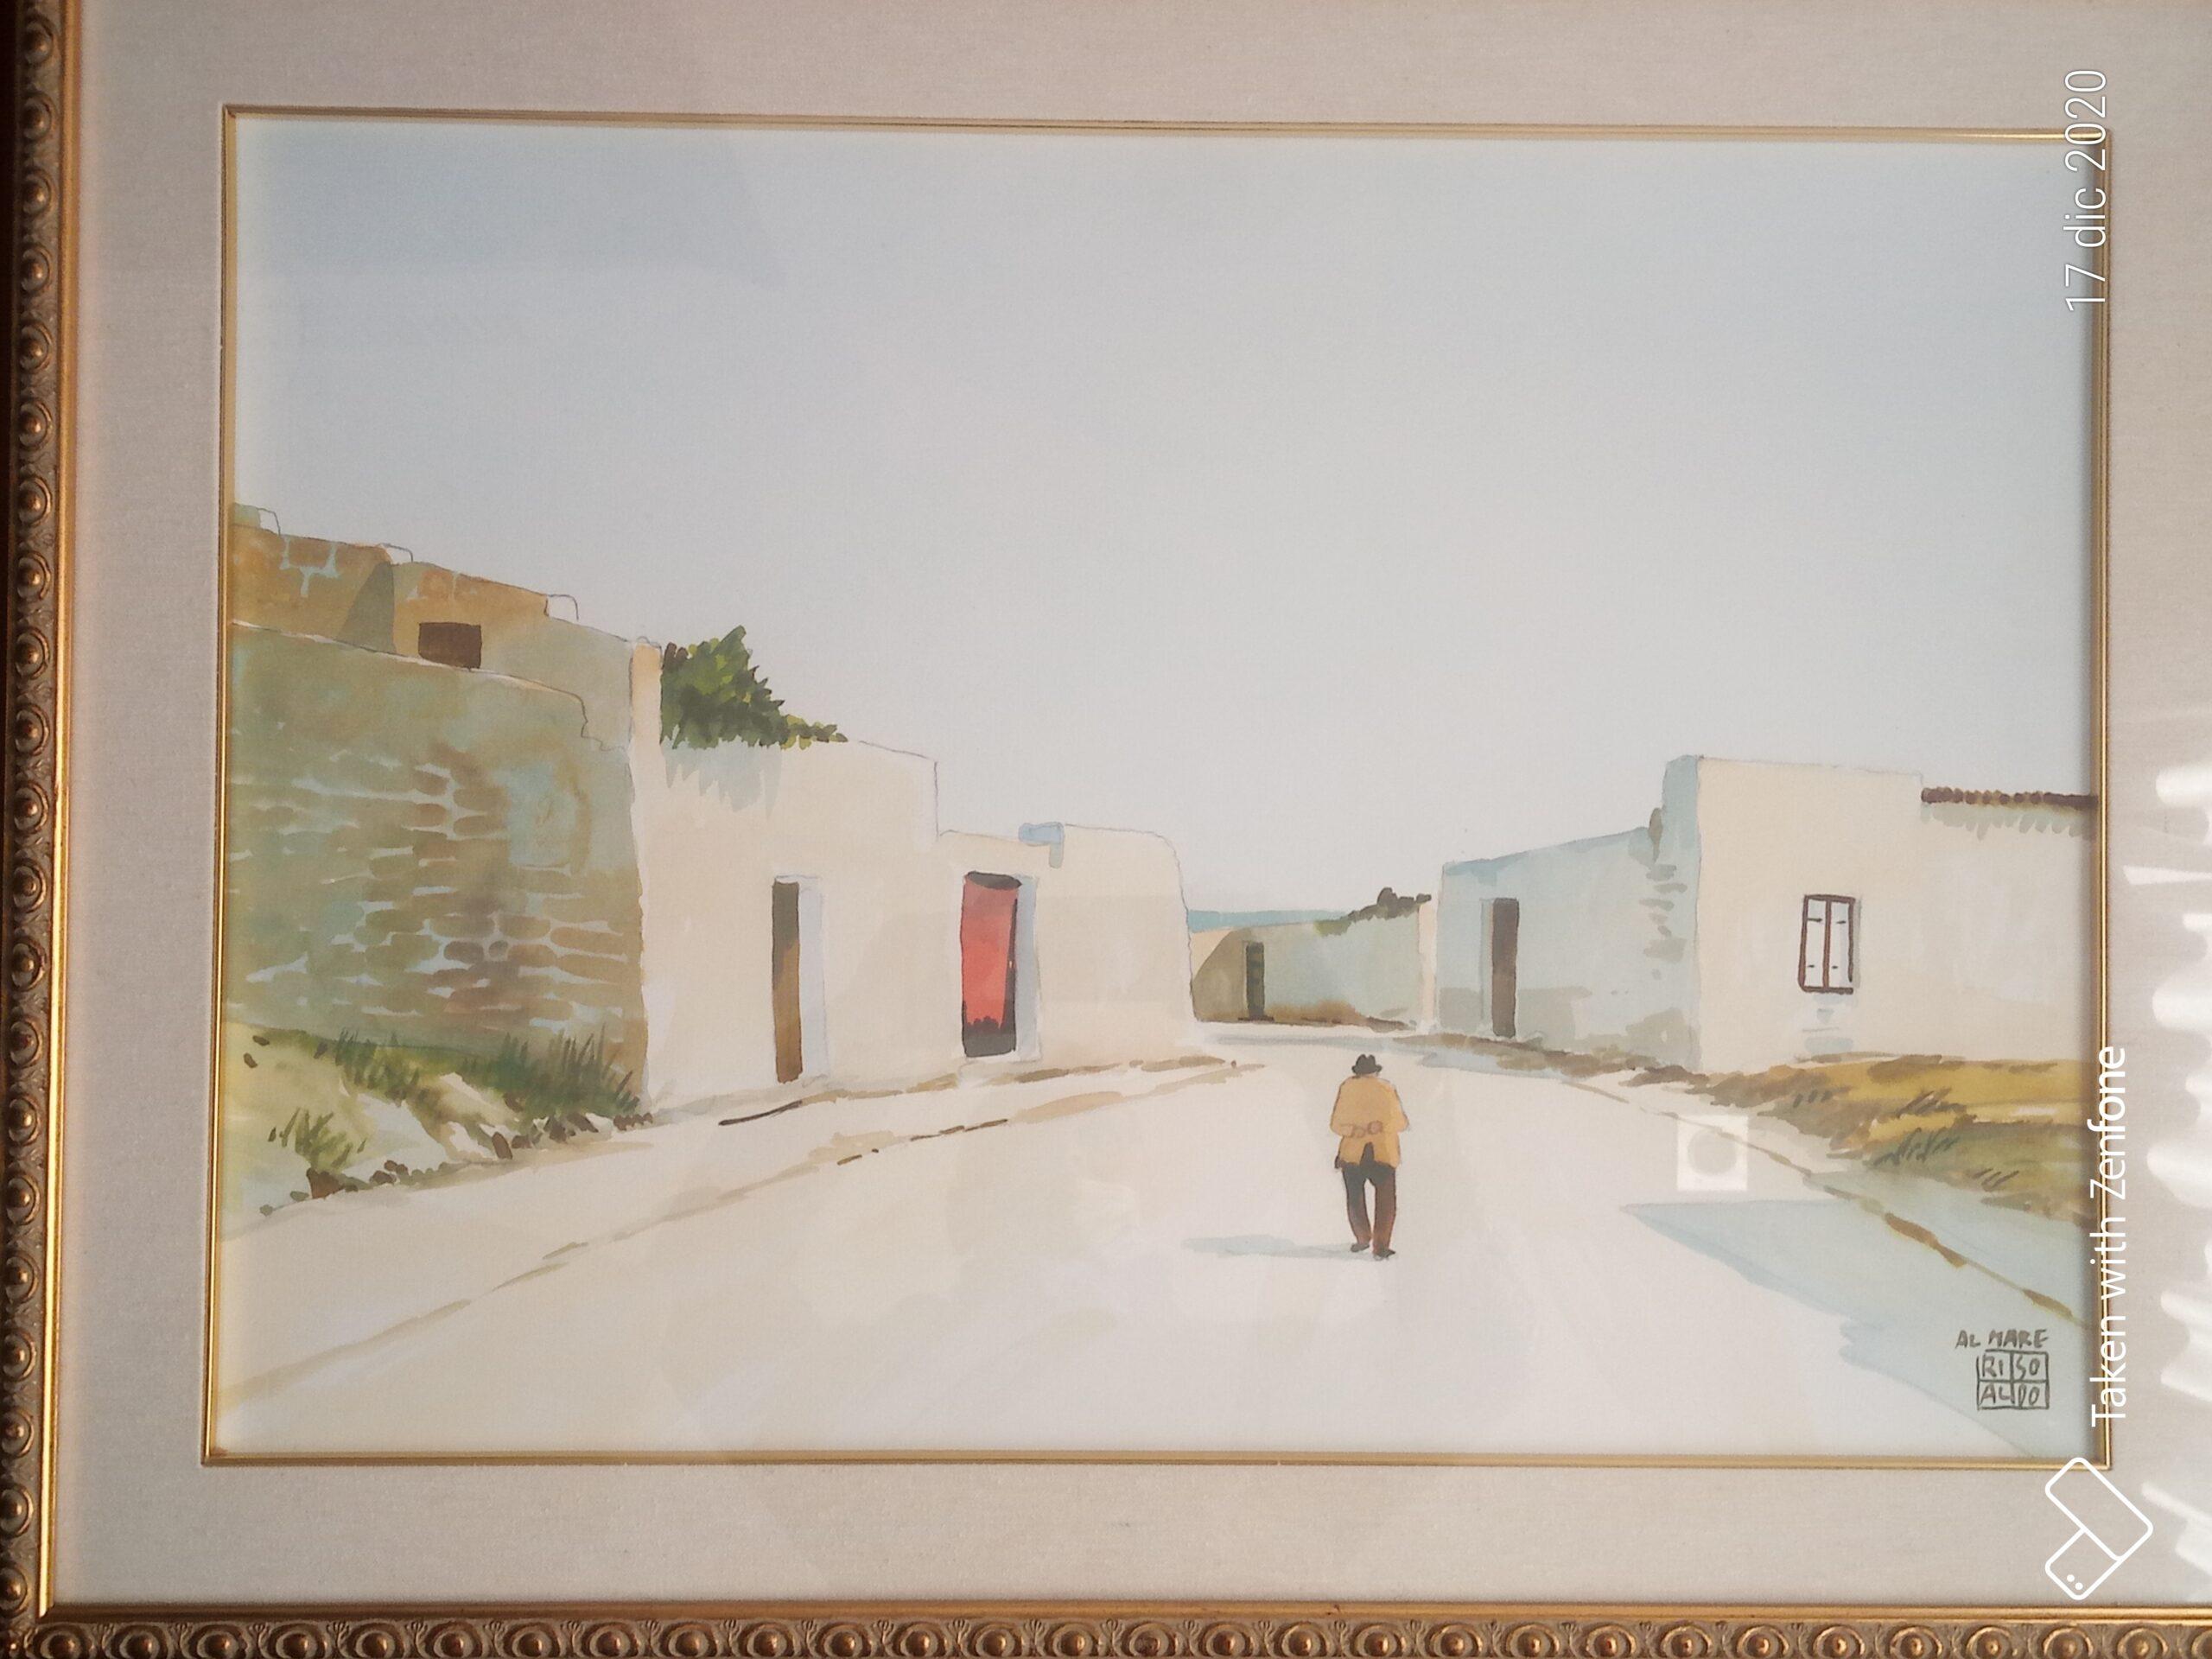 Aldo Riso – Marina